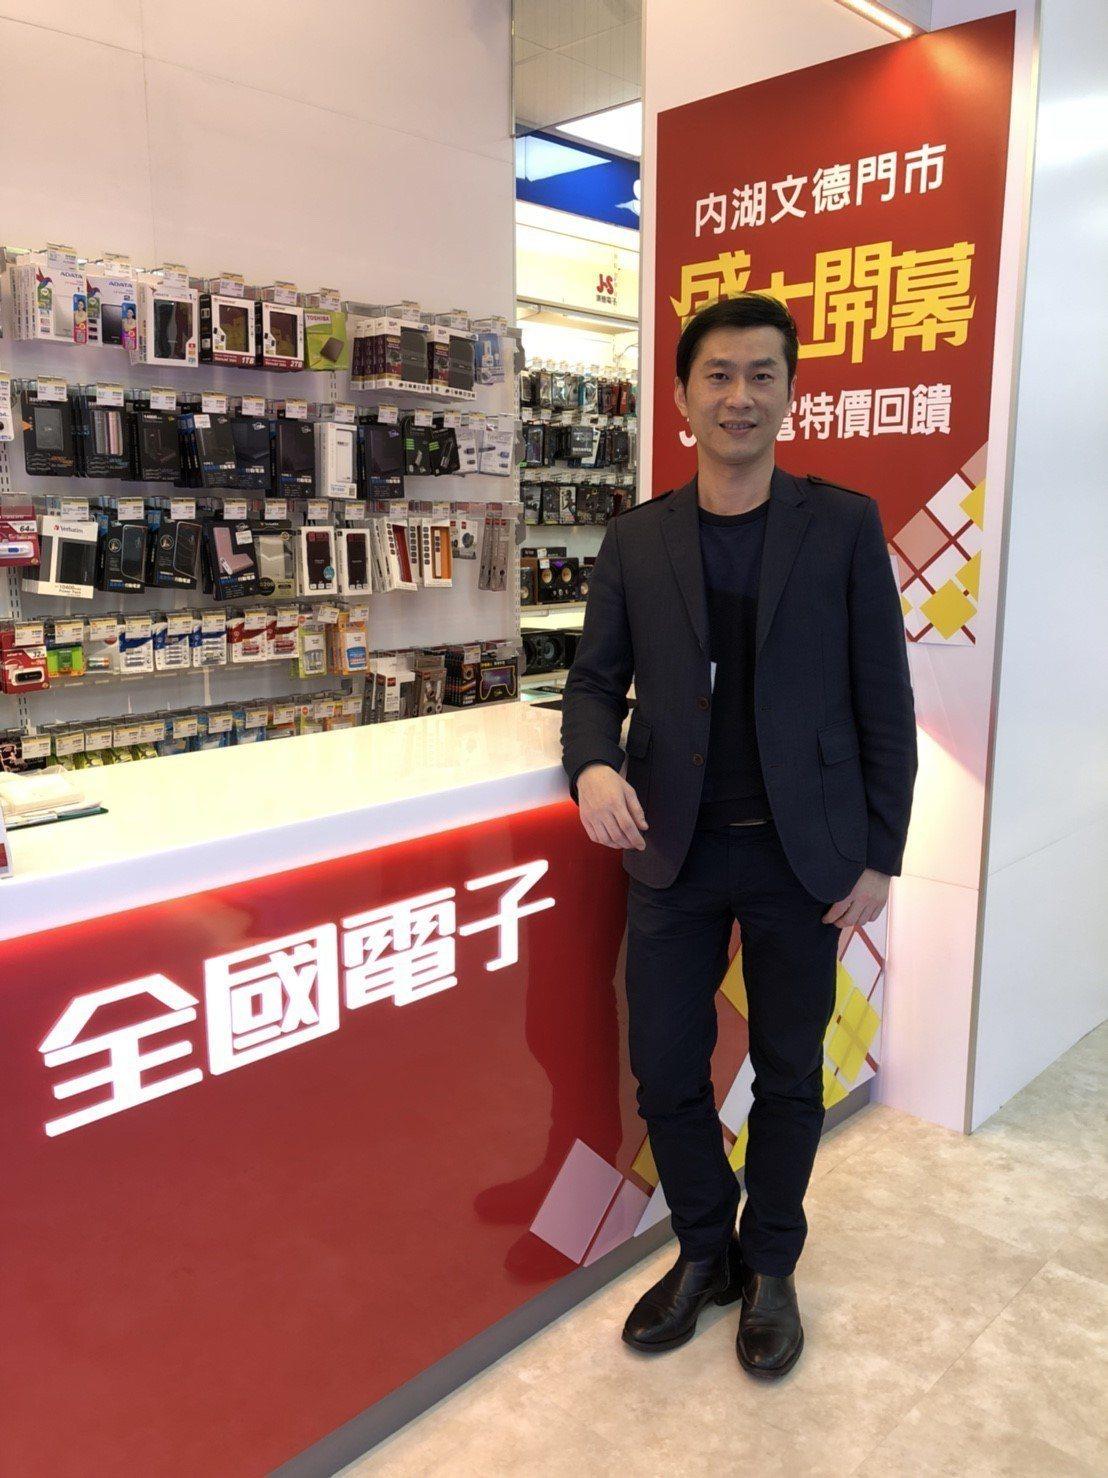 全國電子發言人林政儒指出,電子商務將在第 4季上線,以大家電銷售作為突破口,以體...